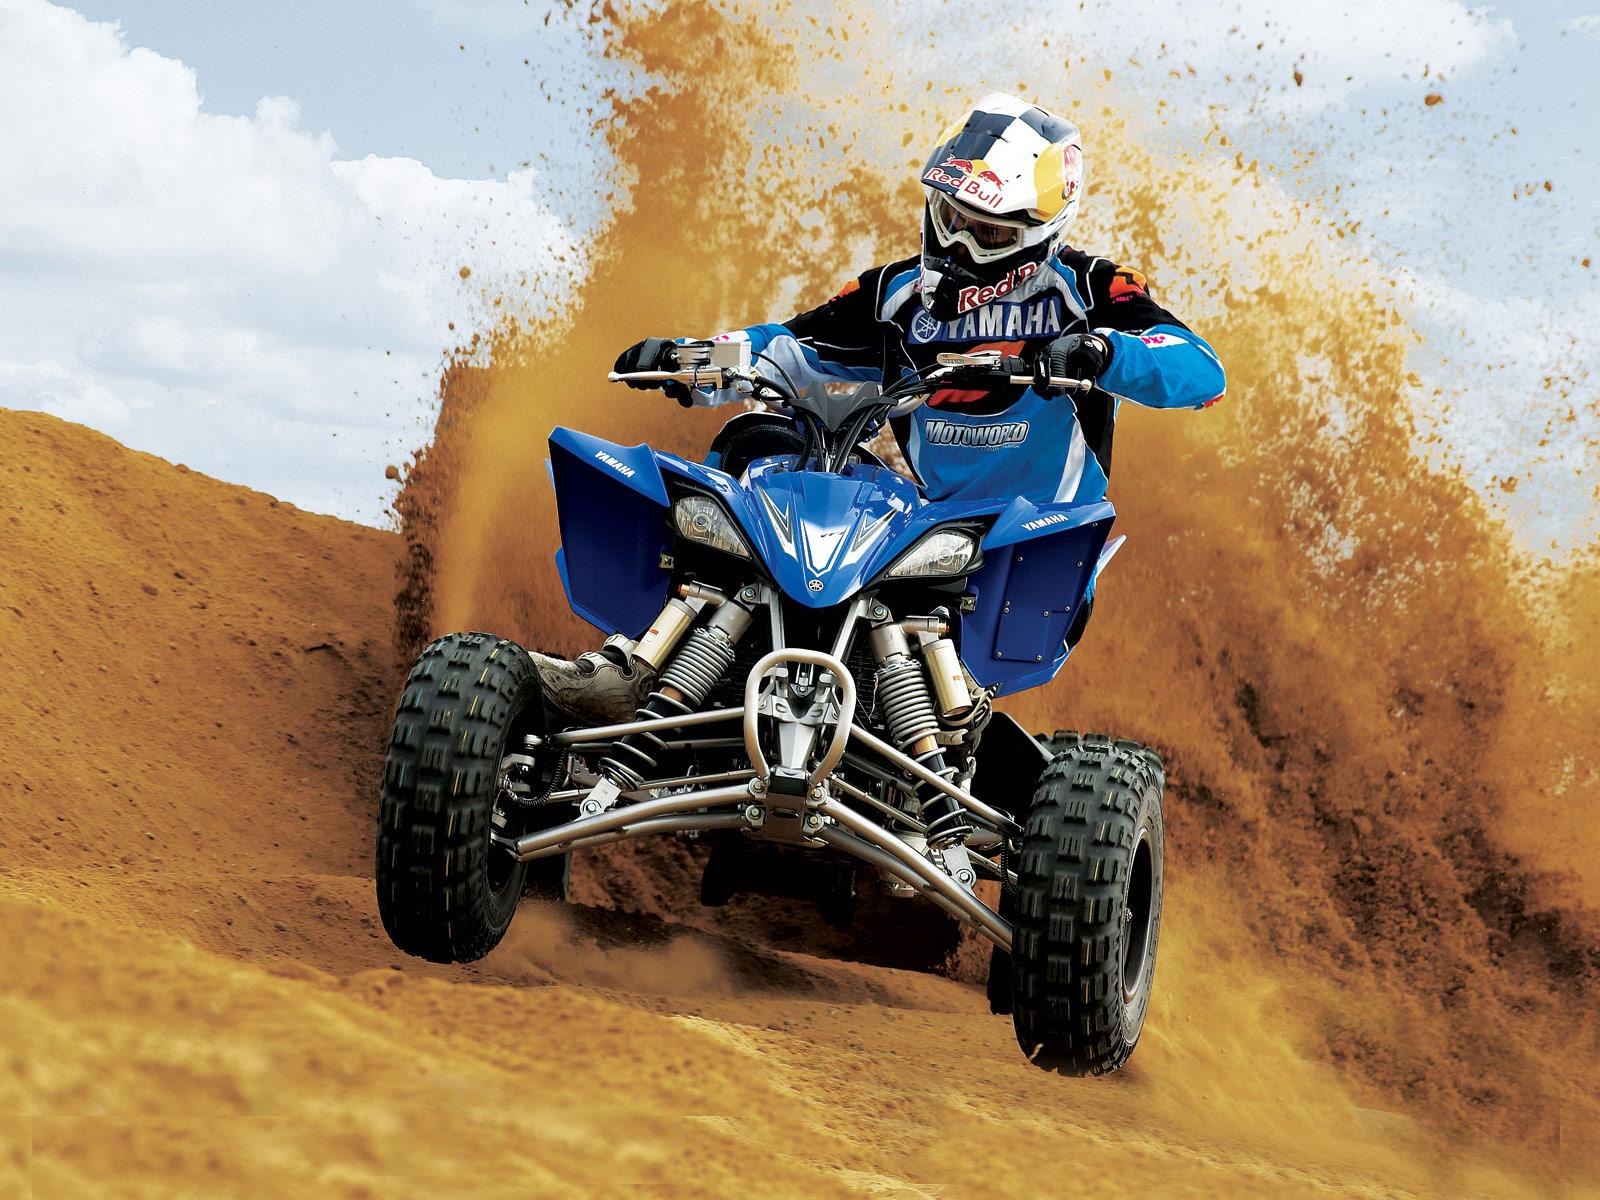 Yamaha Off Road ATV Wallpaper Wallpaper WallpaperLepi 1600x1200